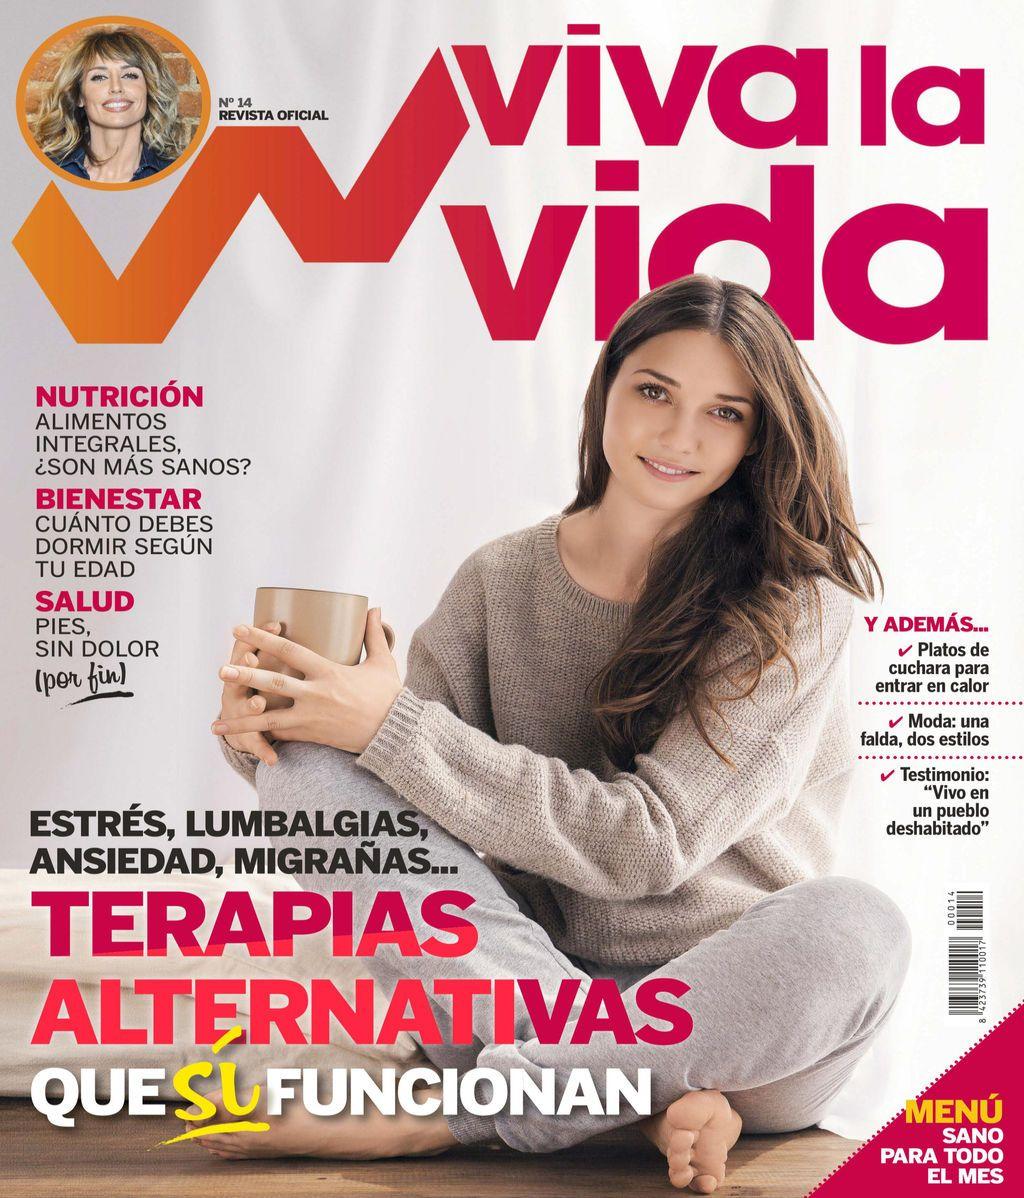 Ya está a la venta un nuevo número de la revista 'Viva la Vida'